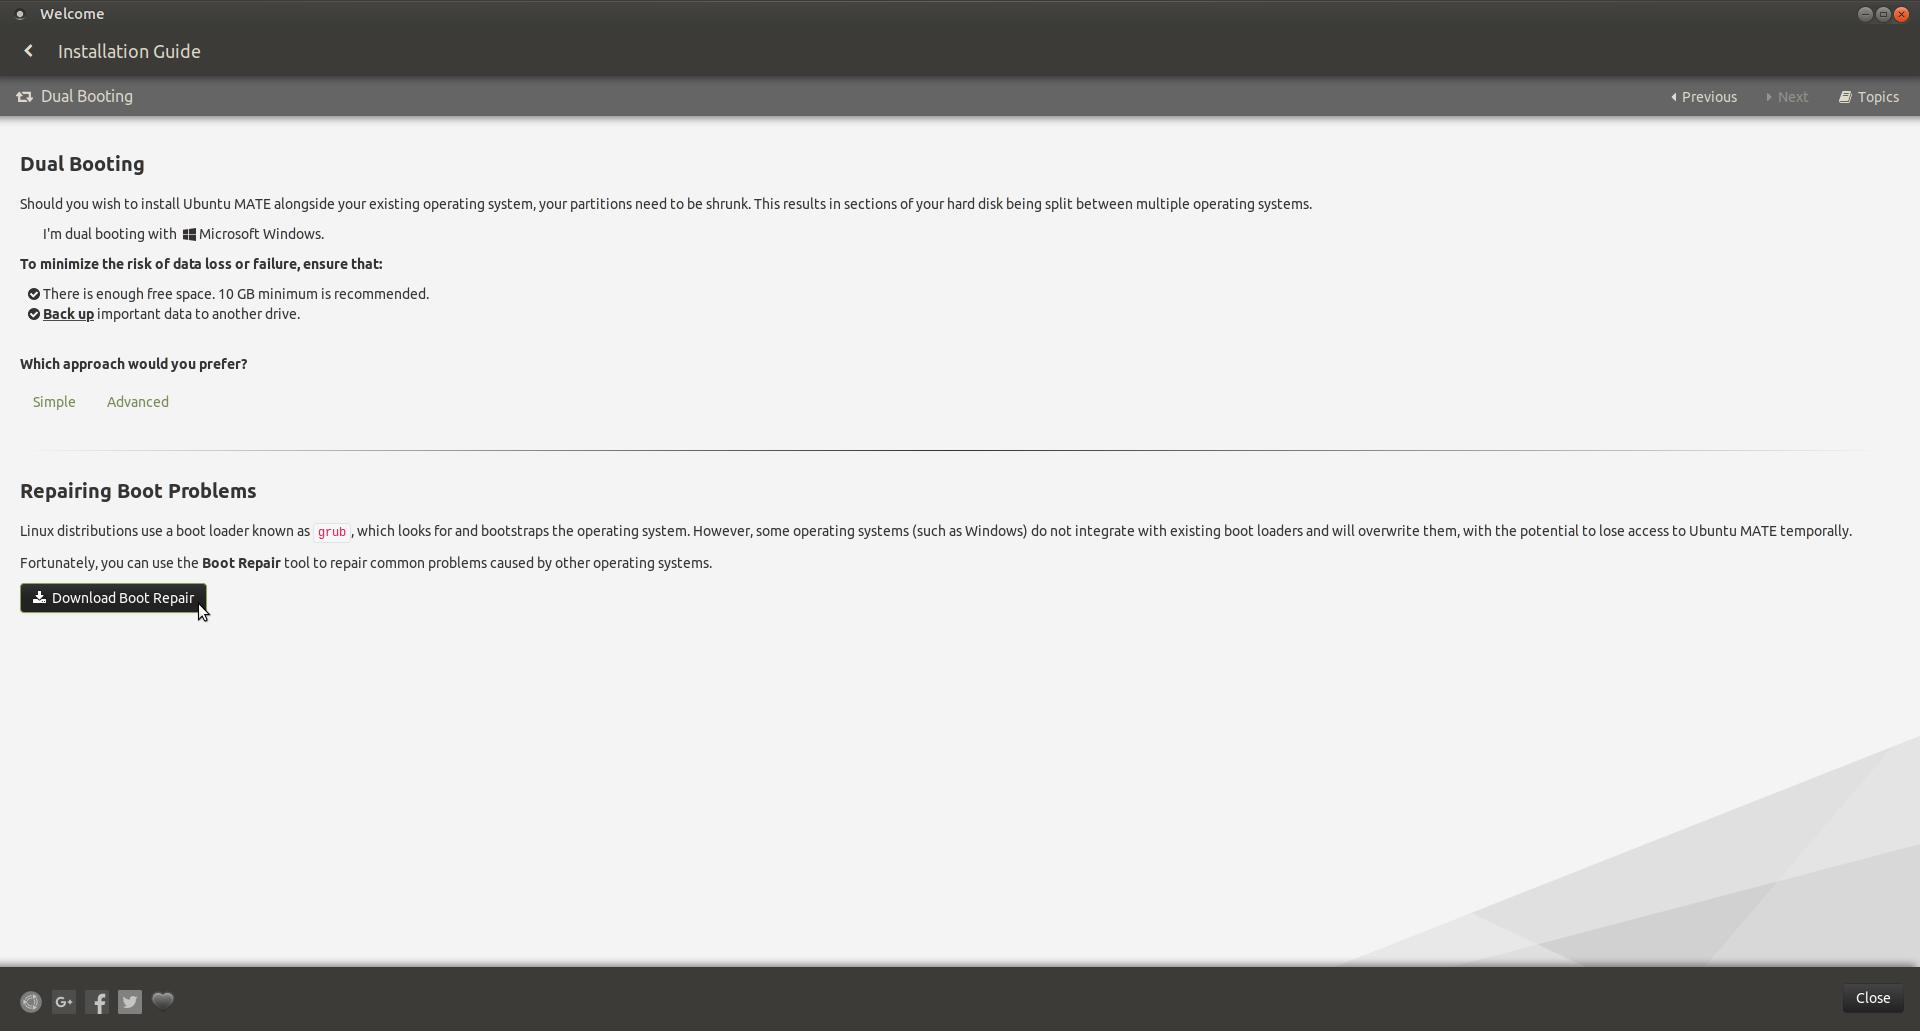 Ubuntu Mate Update Guide - Tutorials & Guides - Ubuntu MATE Community